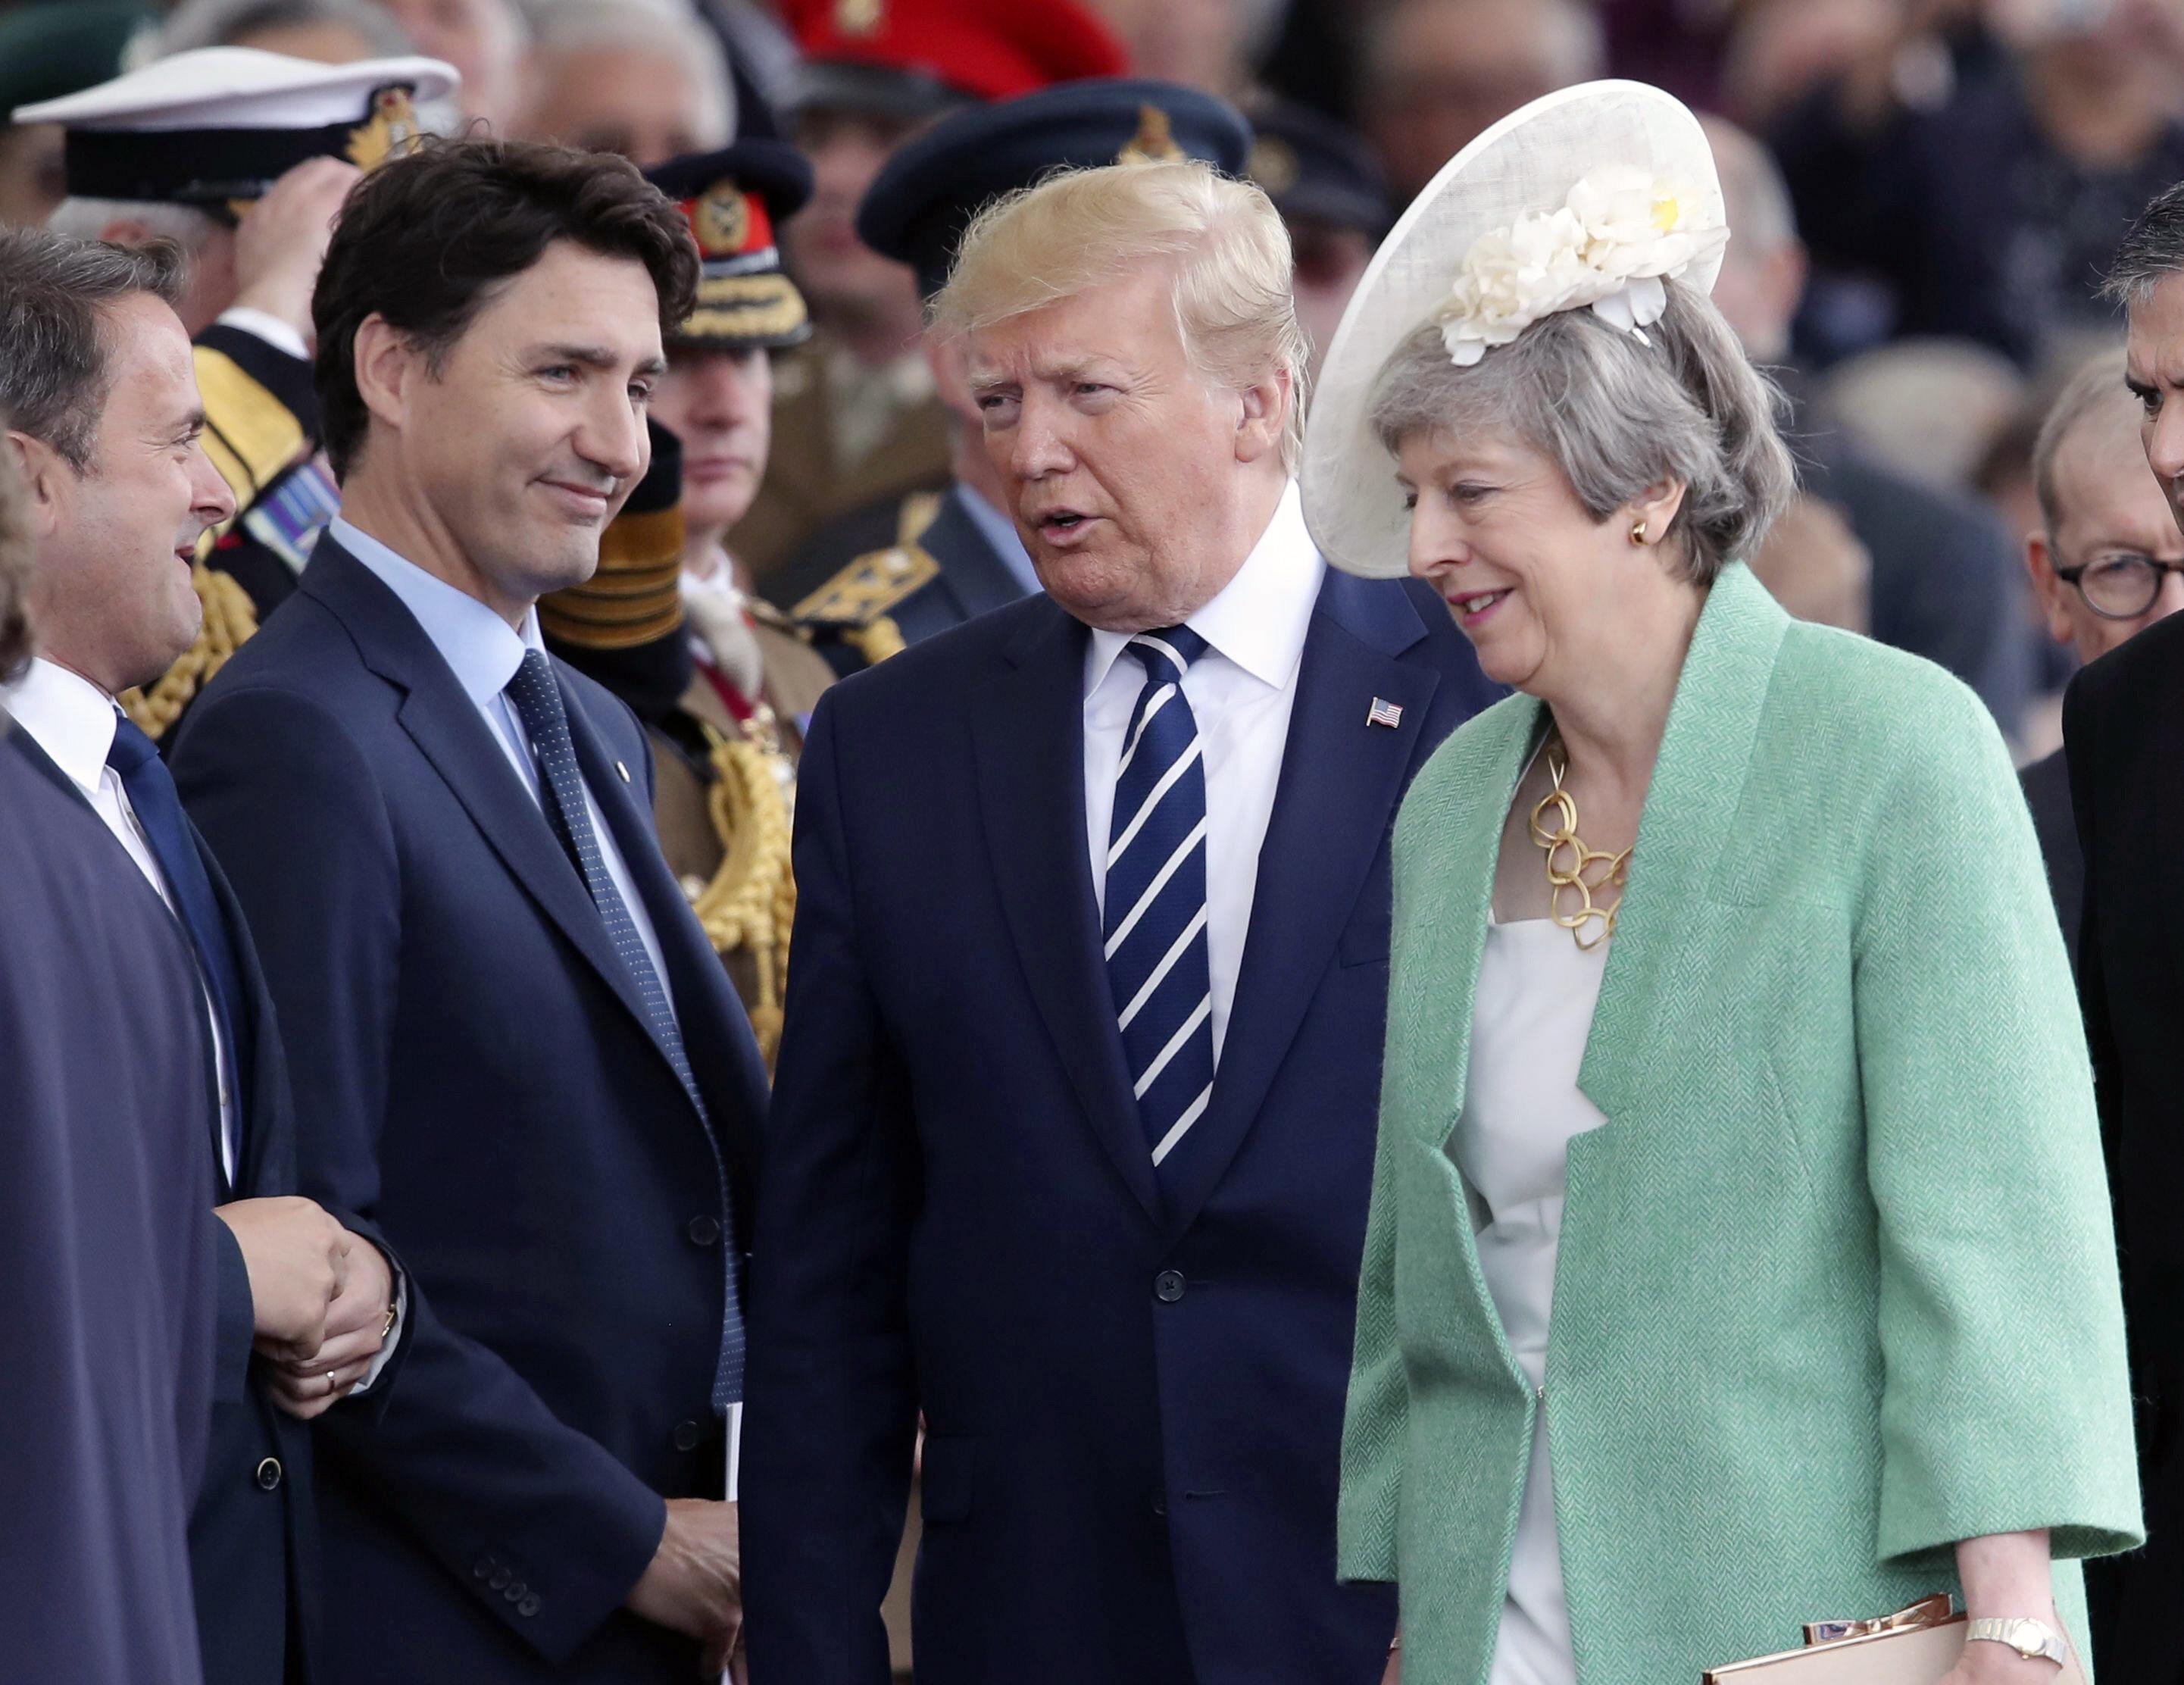 Afirmațiile rasiste ale lui Trump, criticate de premierul Canadei și Theresa May